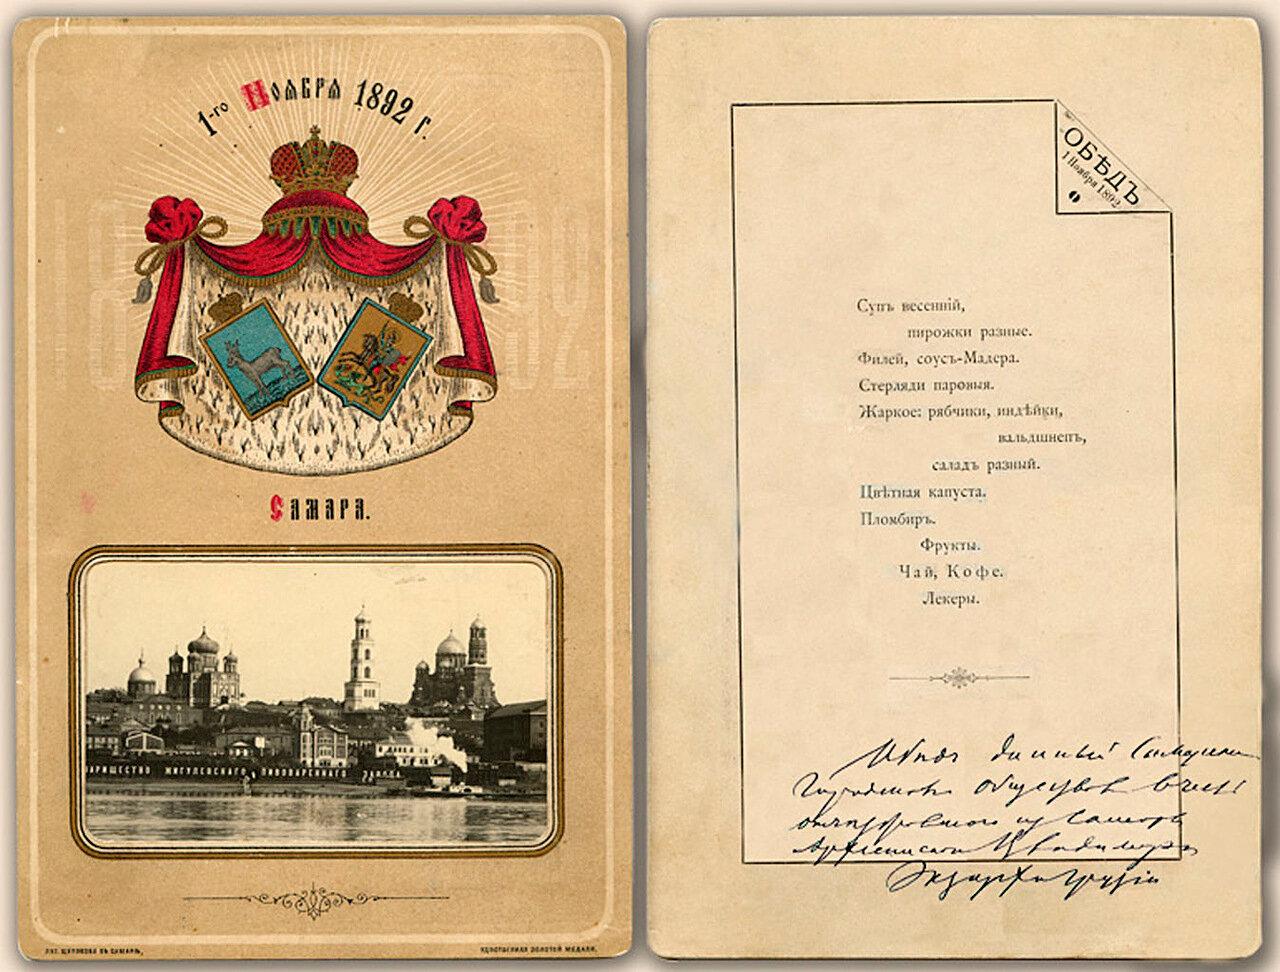 Меню обеда 1 ноября 1892 г. в честь отъезда из Самары архиепископа Владимира